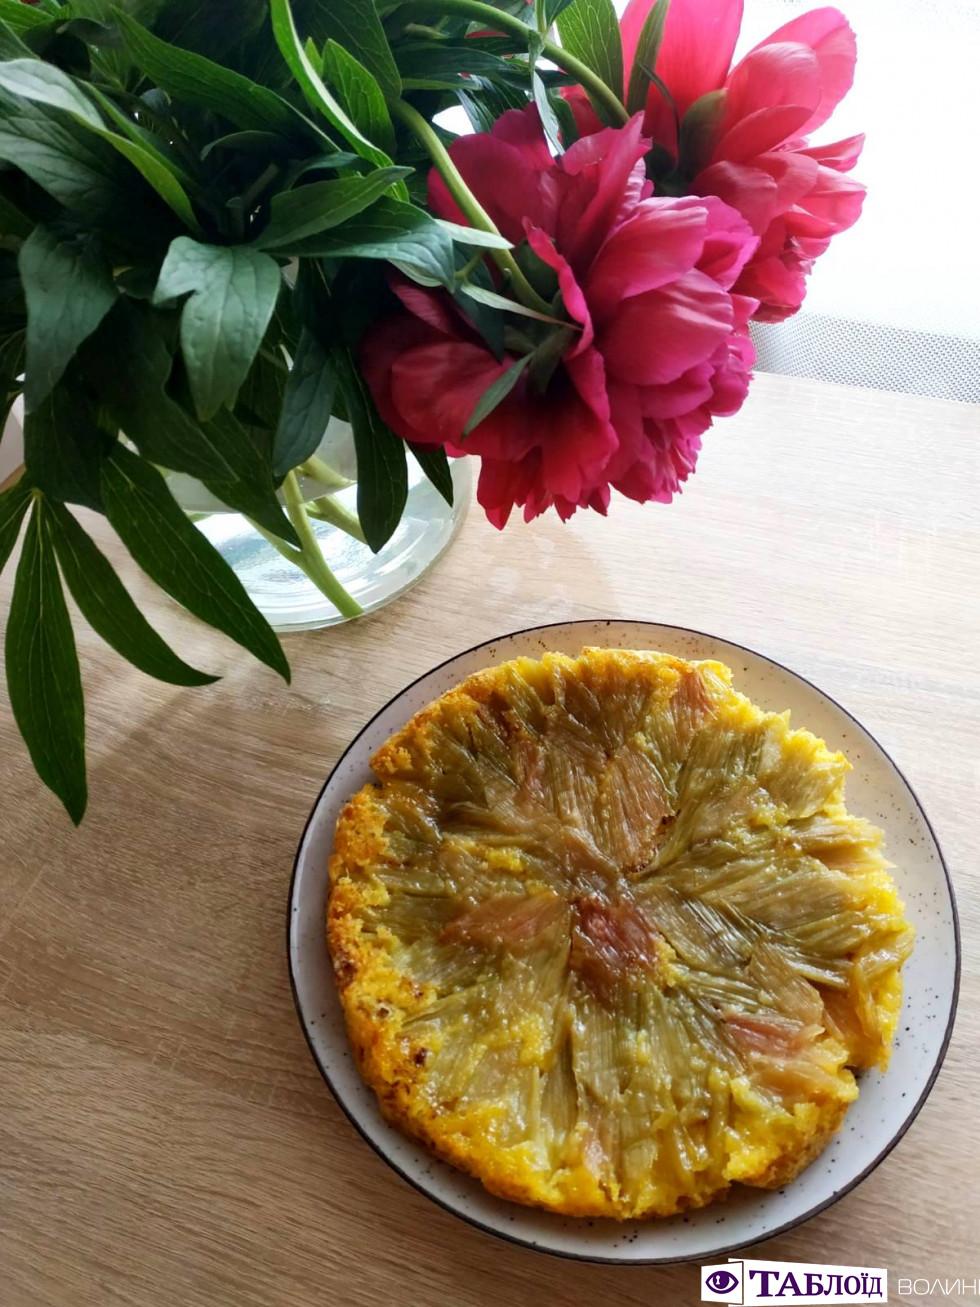 Смачний таблоїдний лайфхак: популярний літній пиріг за 30 хвилин